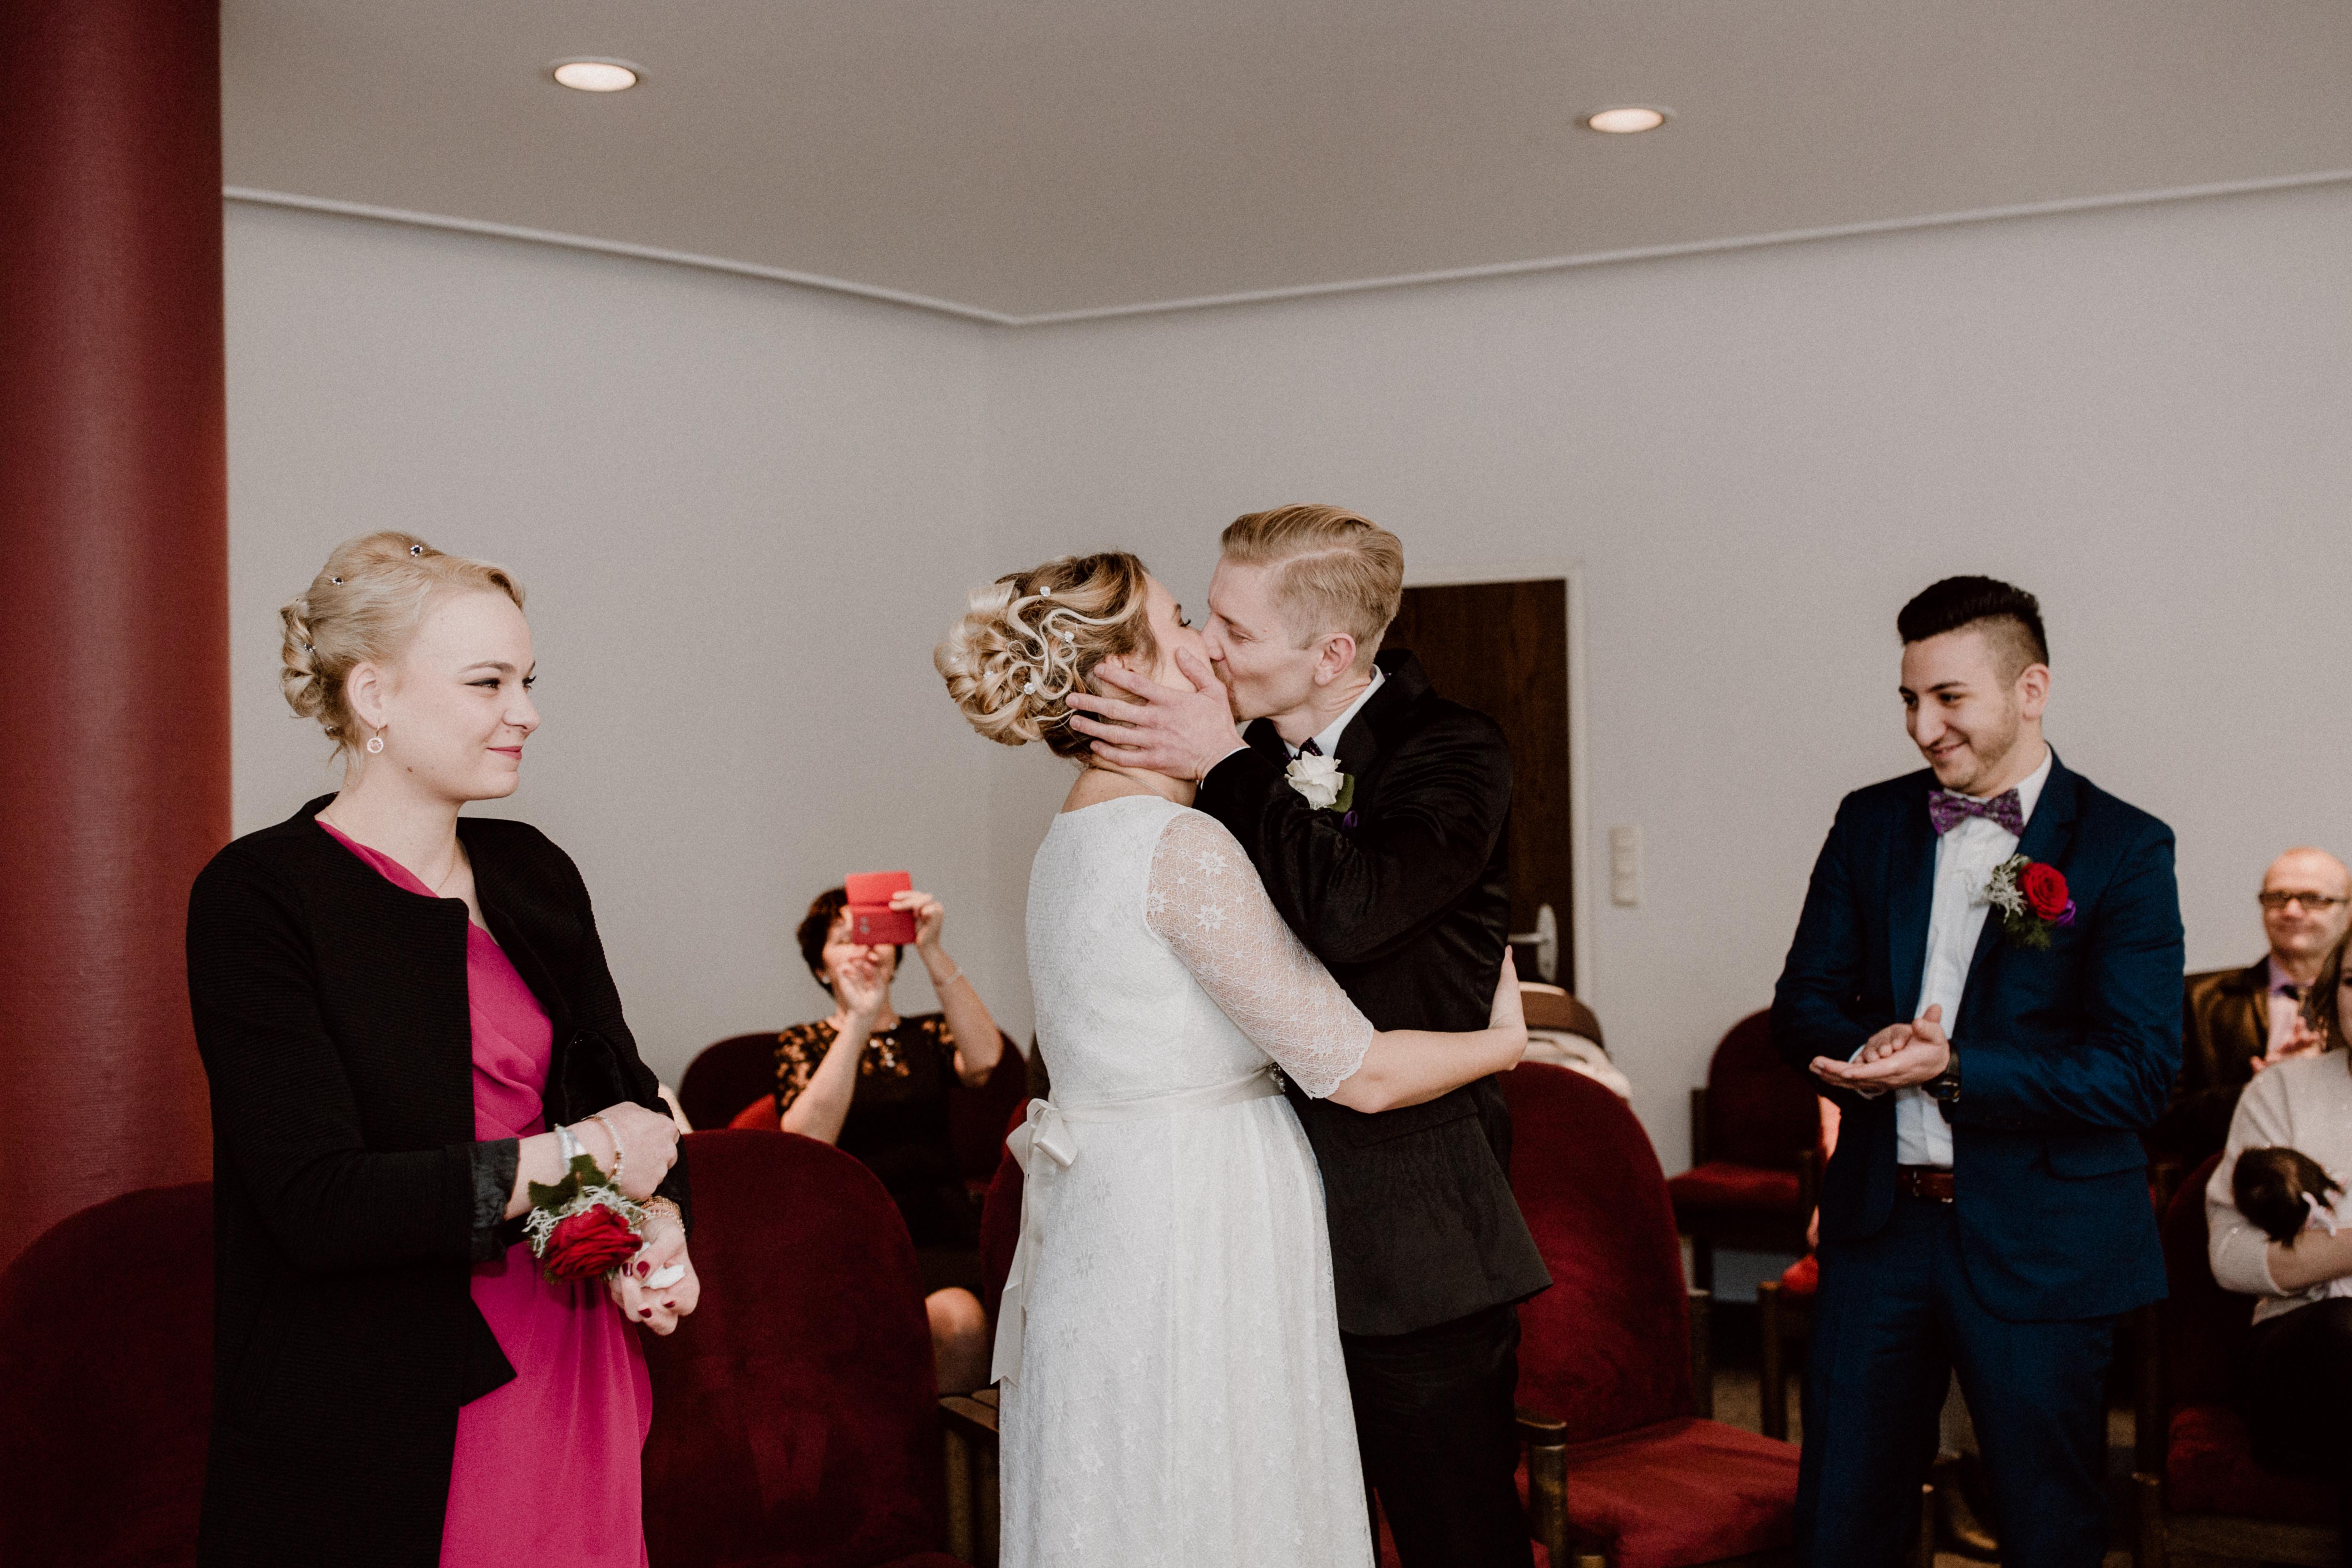 URBANERIE_Daniela_Goth_Hochzeitsfotografin_Nürnberg_Fürth_Erlangen_Schwabach_171110_0124